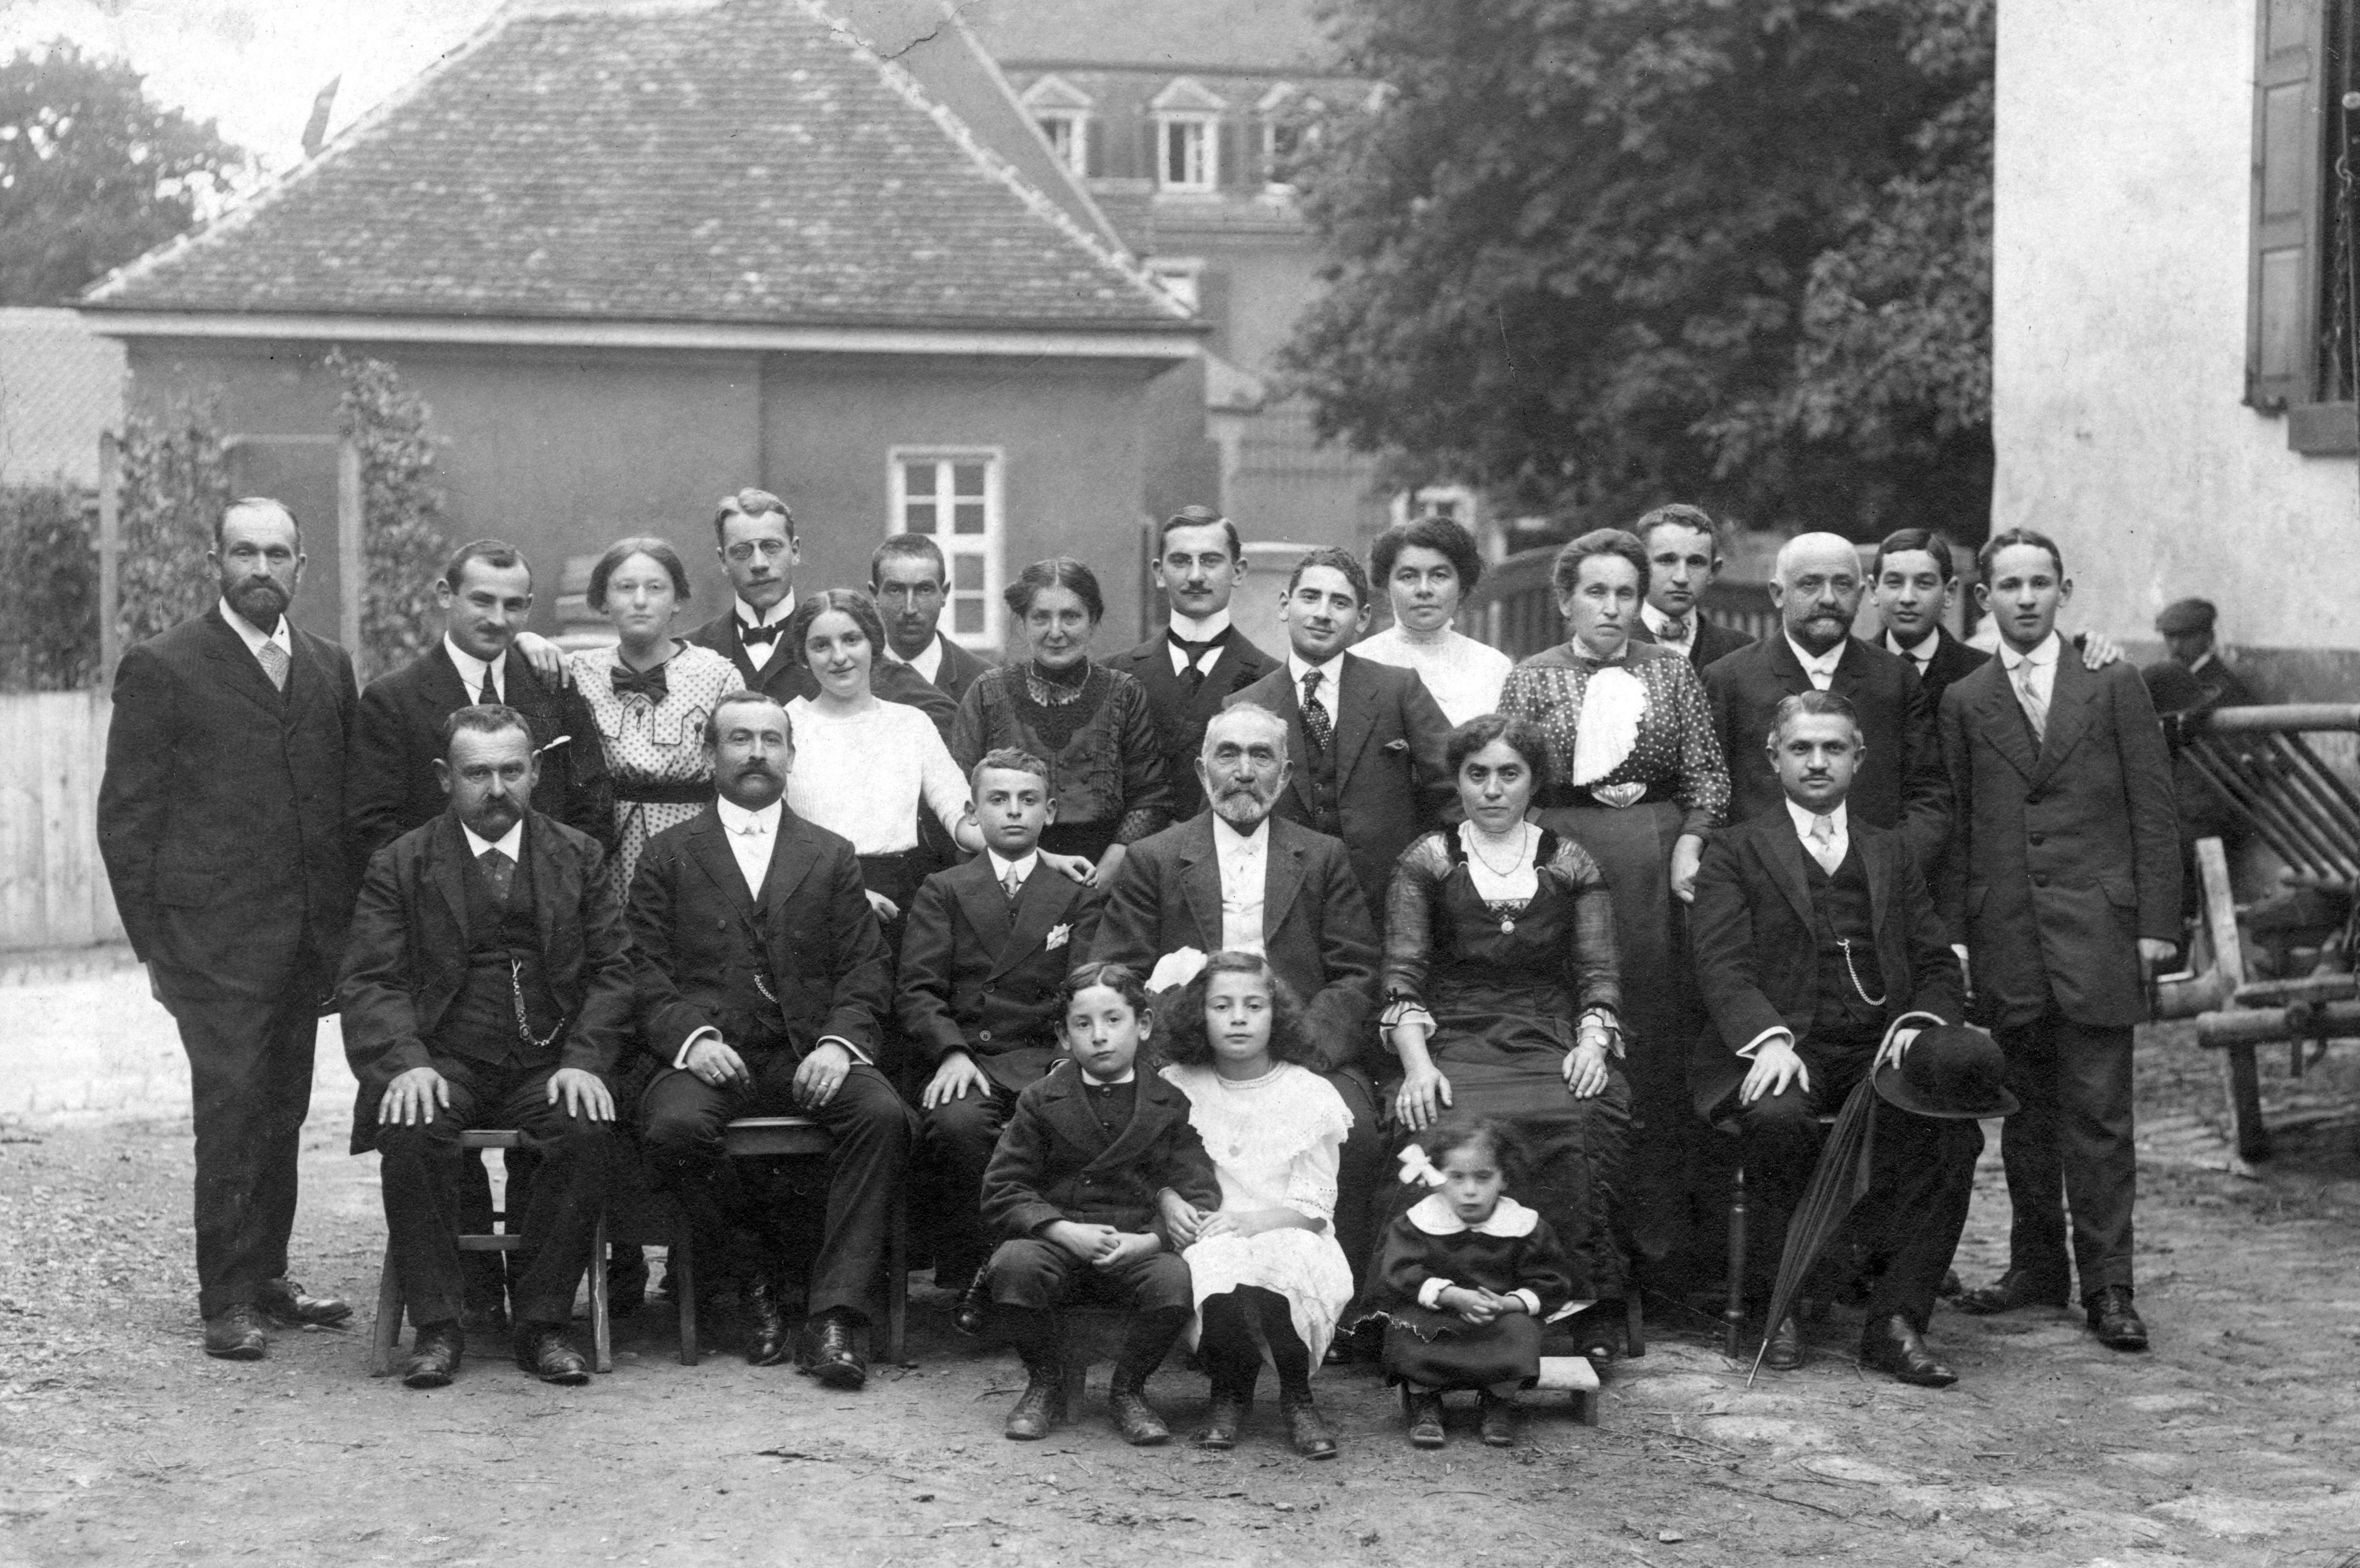 Sara Stein (sitzend, Zweite von rechts) bei der Bar Mitzwa ihres Sohne Josef (Dritter von lnks) im Oktober 1913. Zwischen den Beiden sitzt Salomon Stein, davor kauern die jüngeren Kinder Irwin, Zilli und Betti. Sohn Ludwig stehend, Zweiter von rechts.